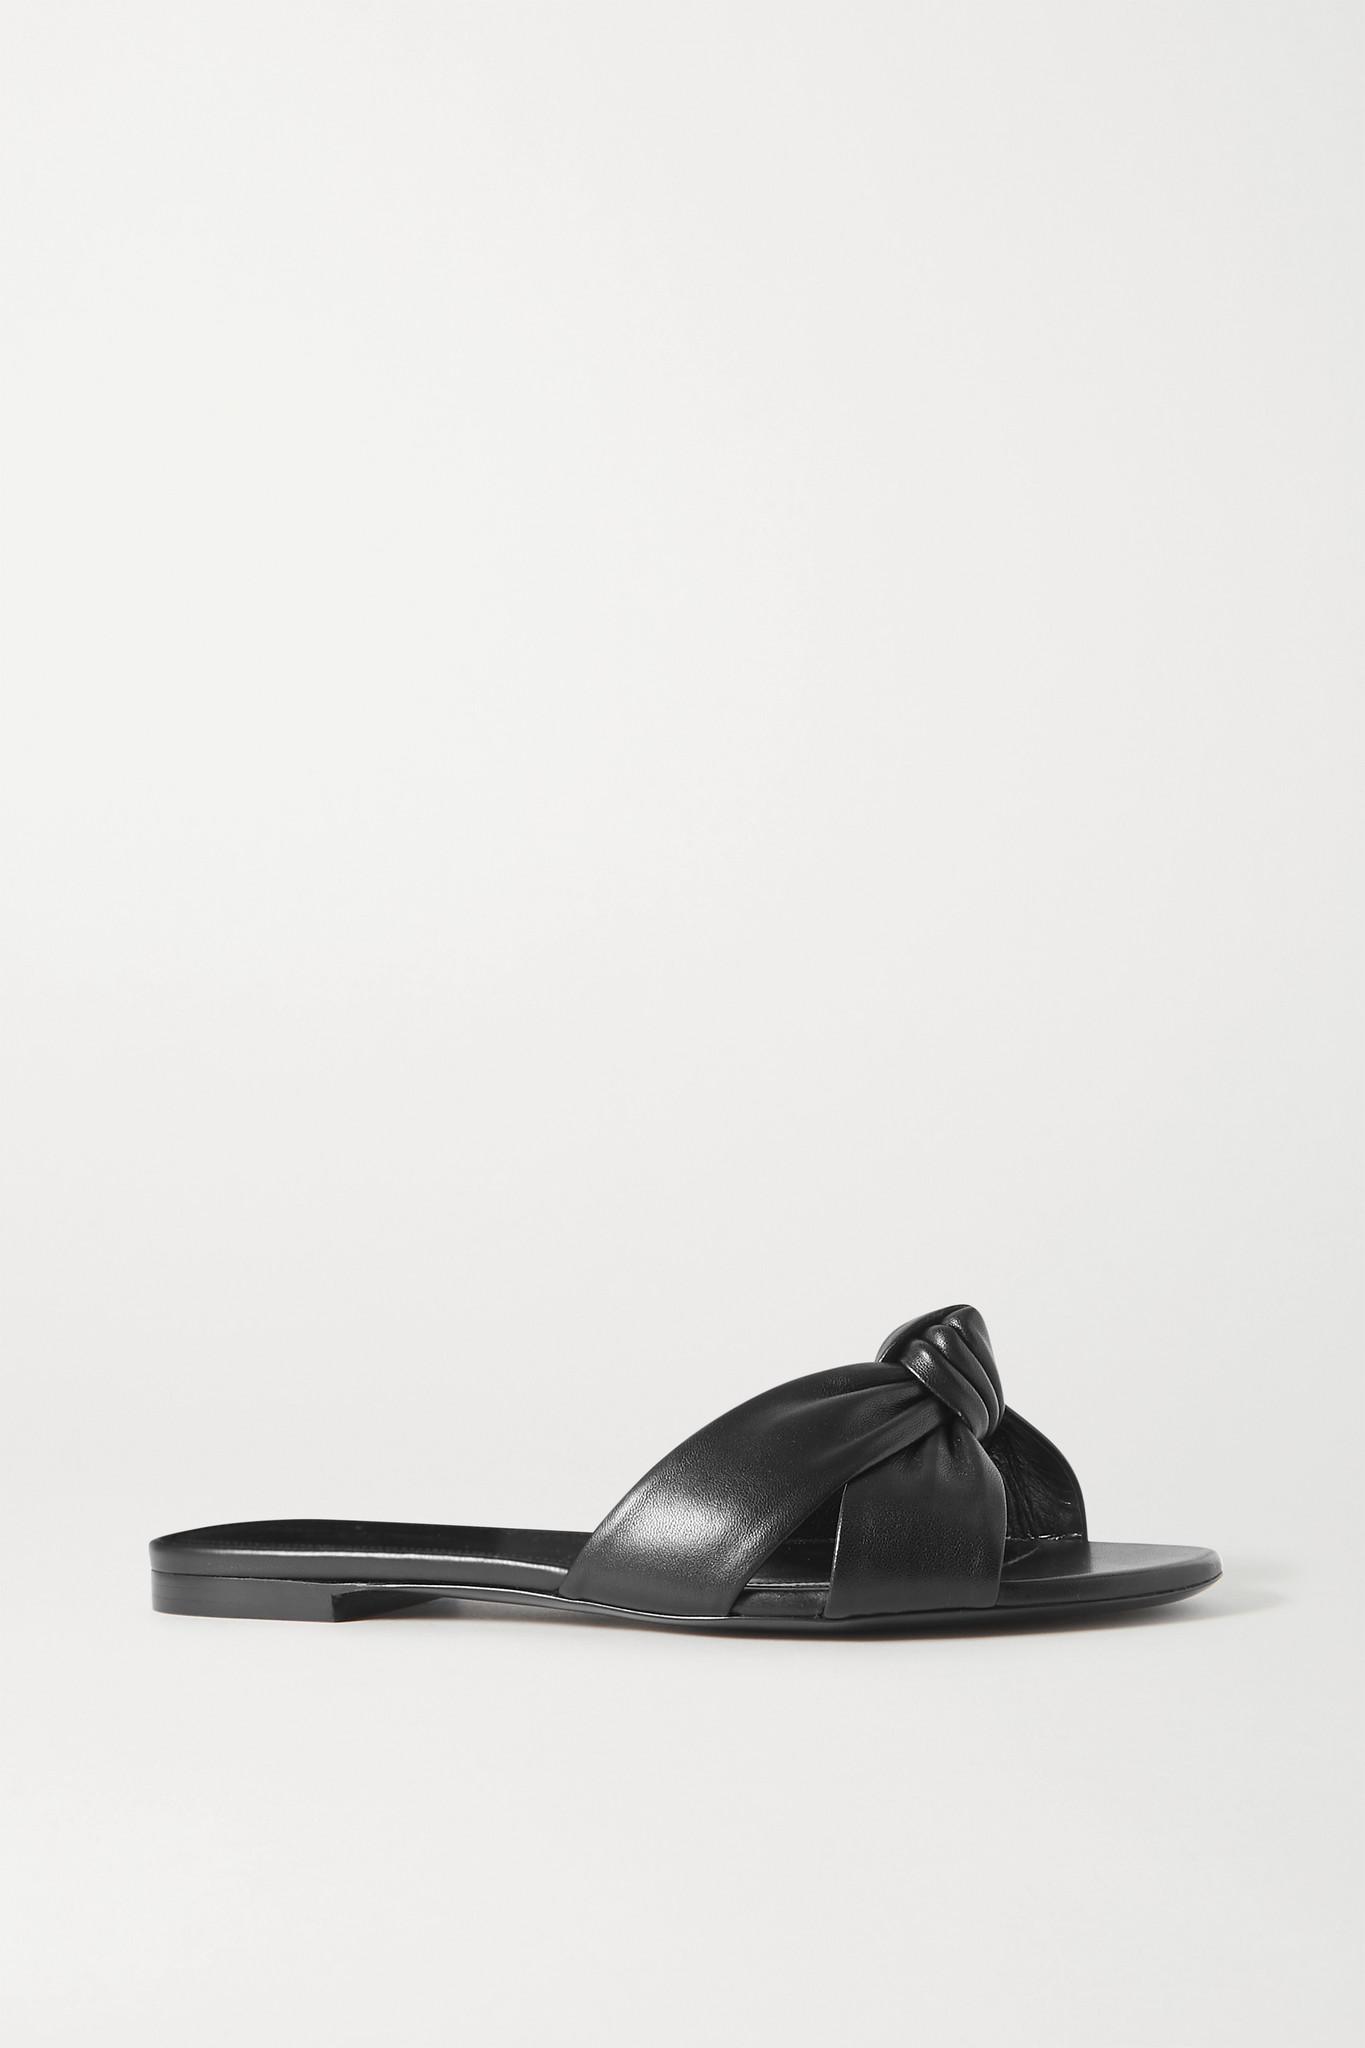 SAINT LAURENT - Power Knotted Leather Slides - Black - IT38.5